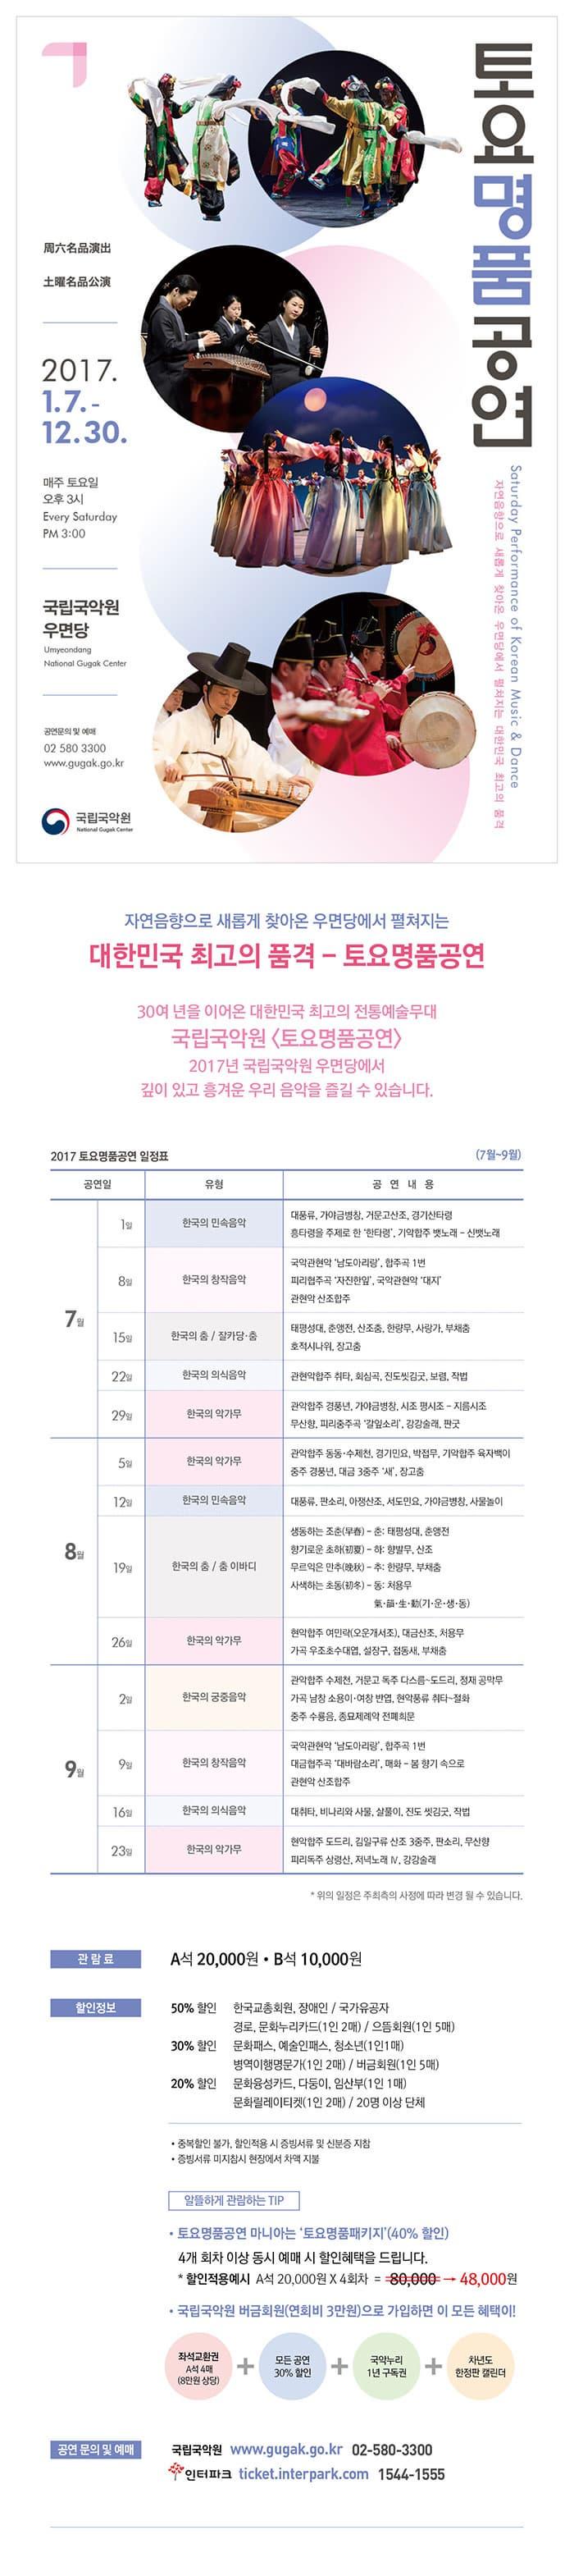 2017 토요명품공연(8월)